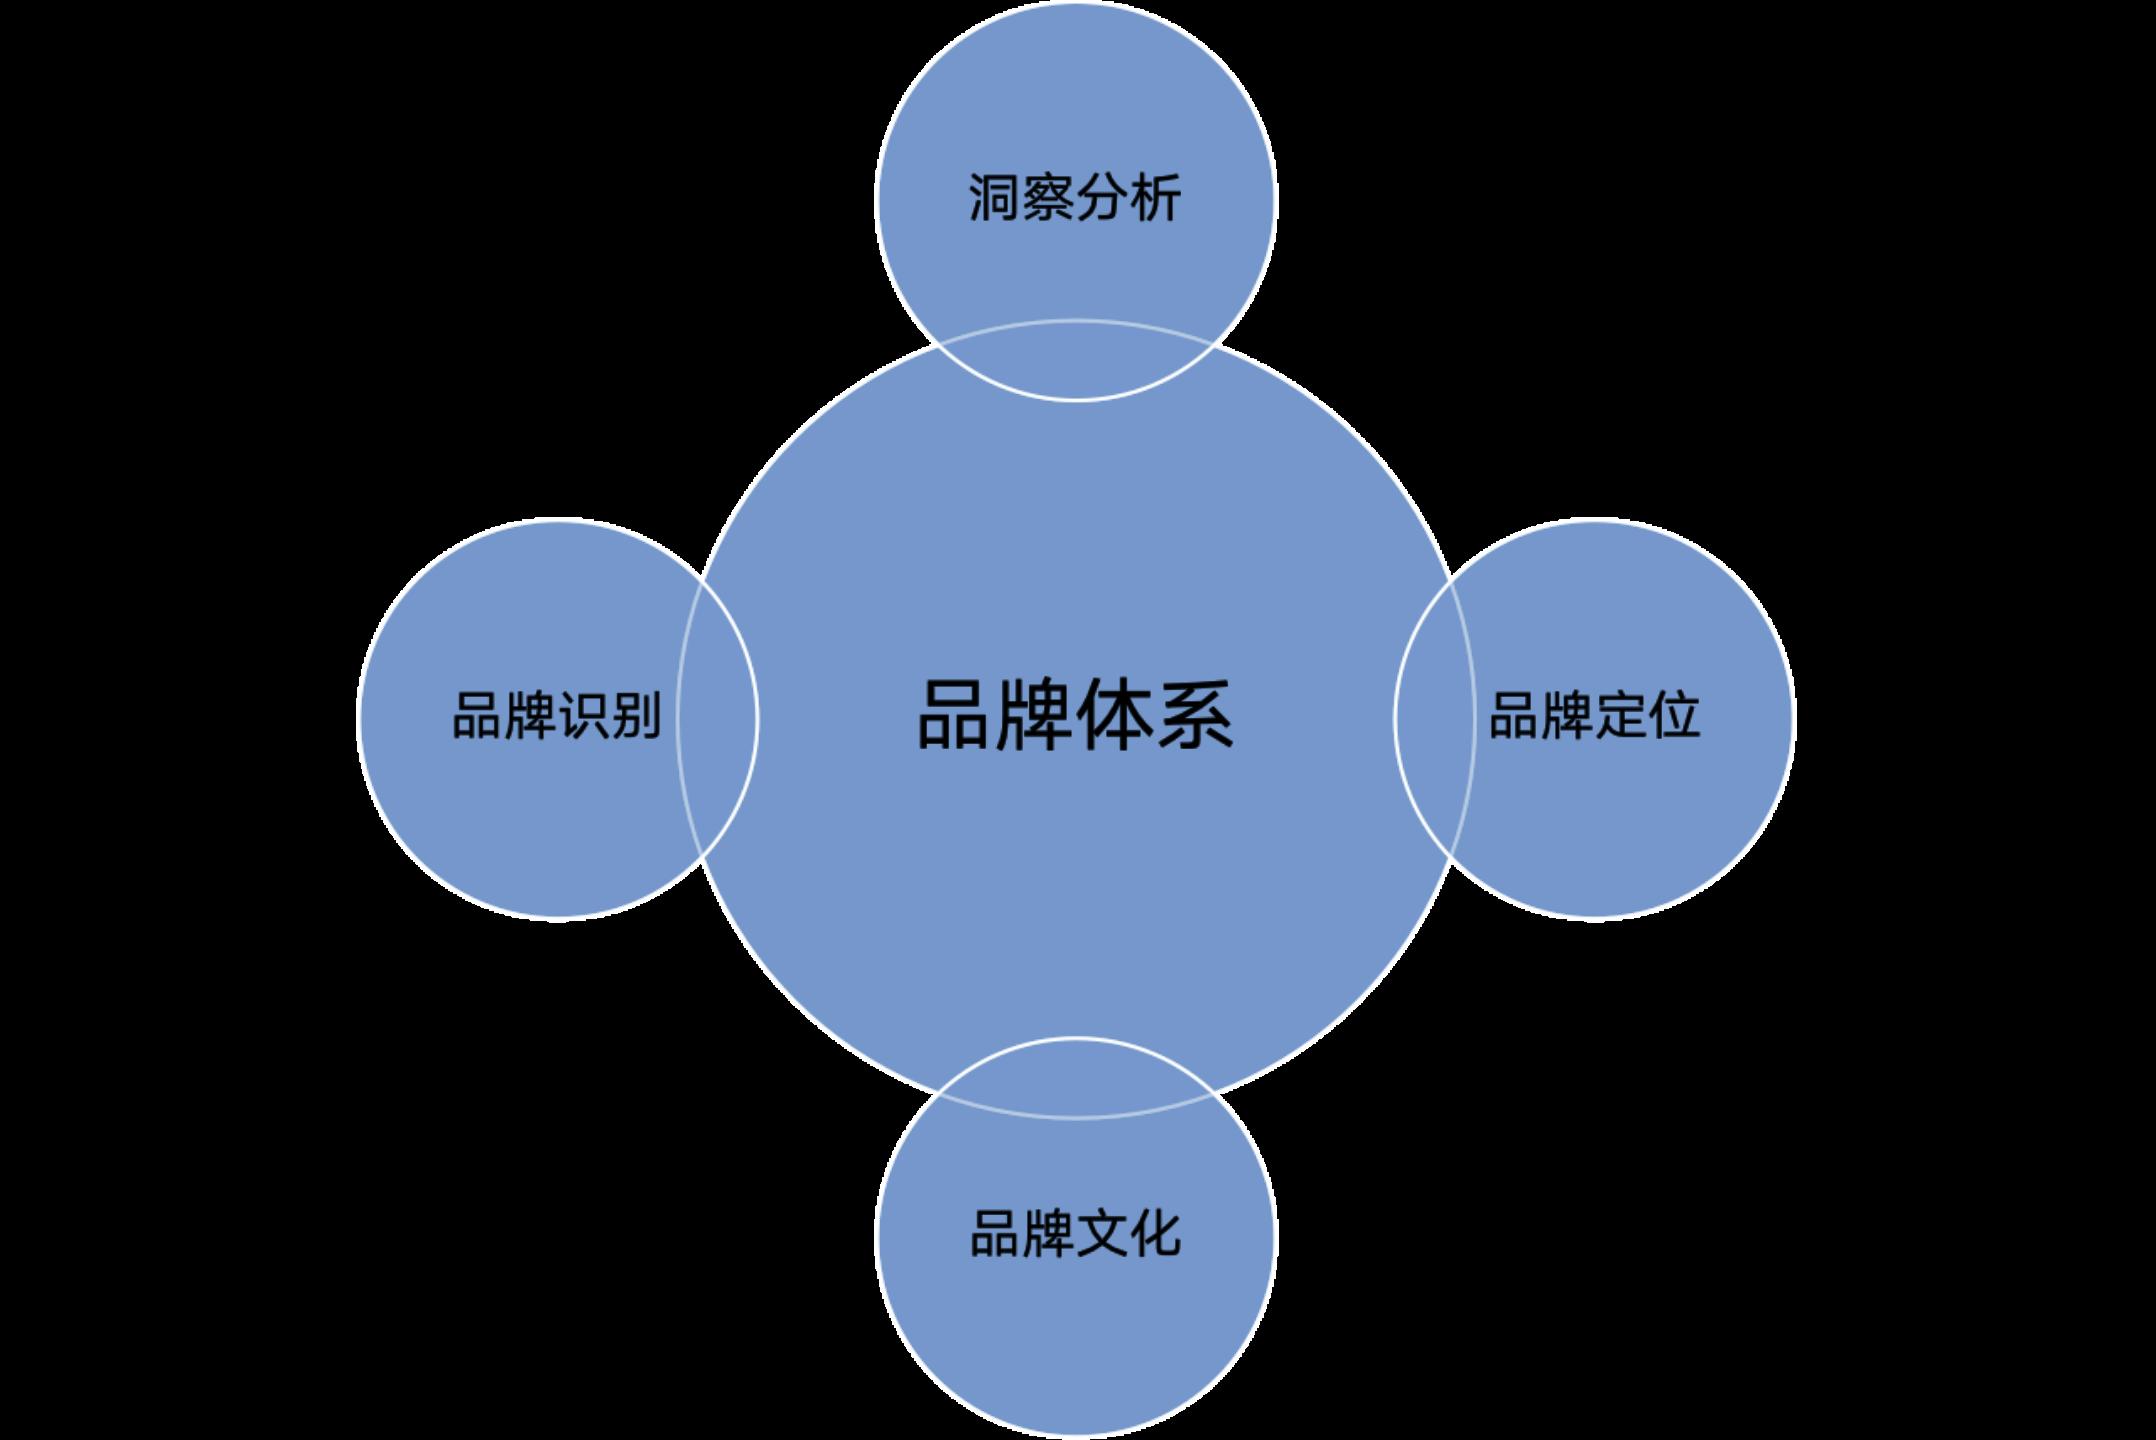 鸟哥笔记,职场成长,陈壕,经营管理,职场,思维,认知,职级